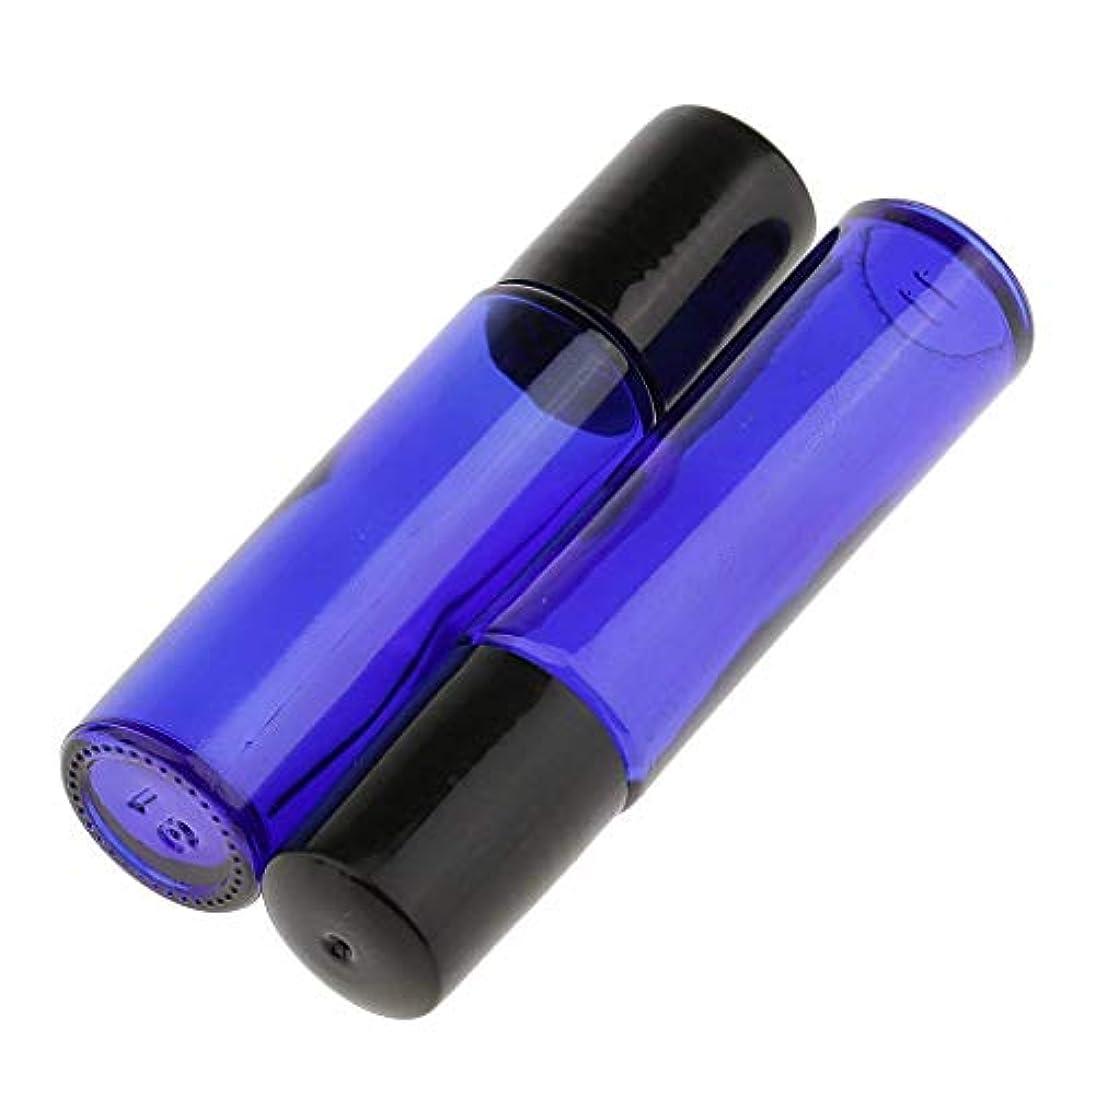 予測子答え翻訳者ロールオンボトル 遮光瓶 ガラスロールタイプ 2 本セット